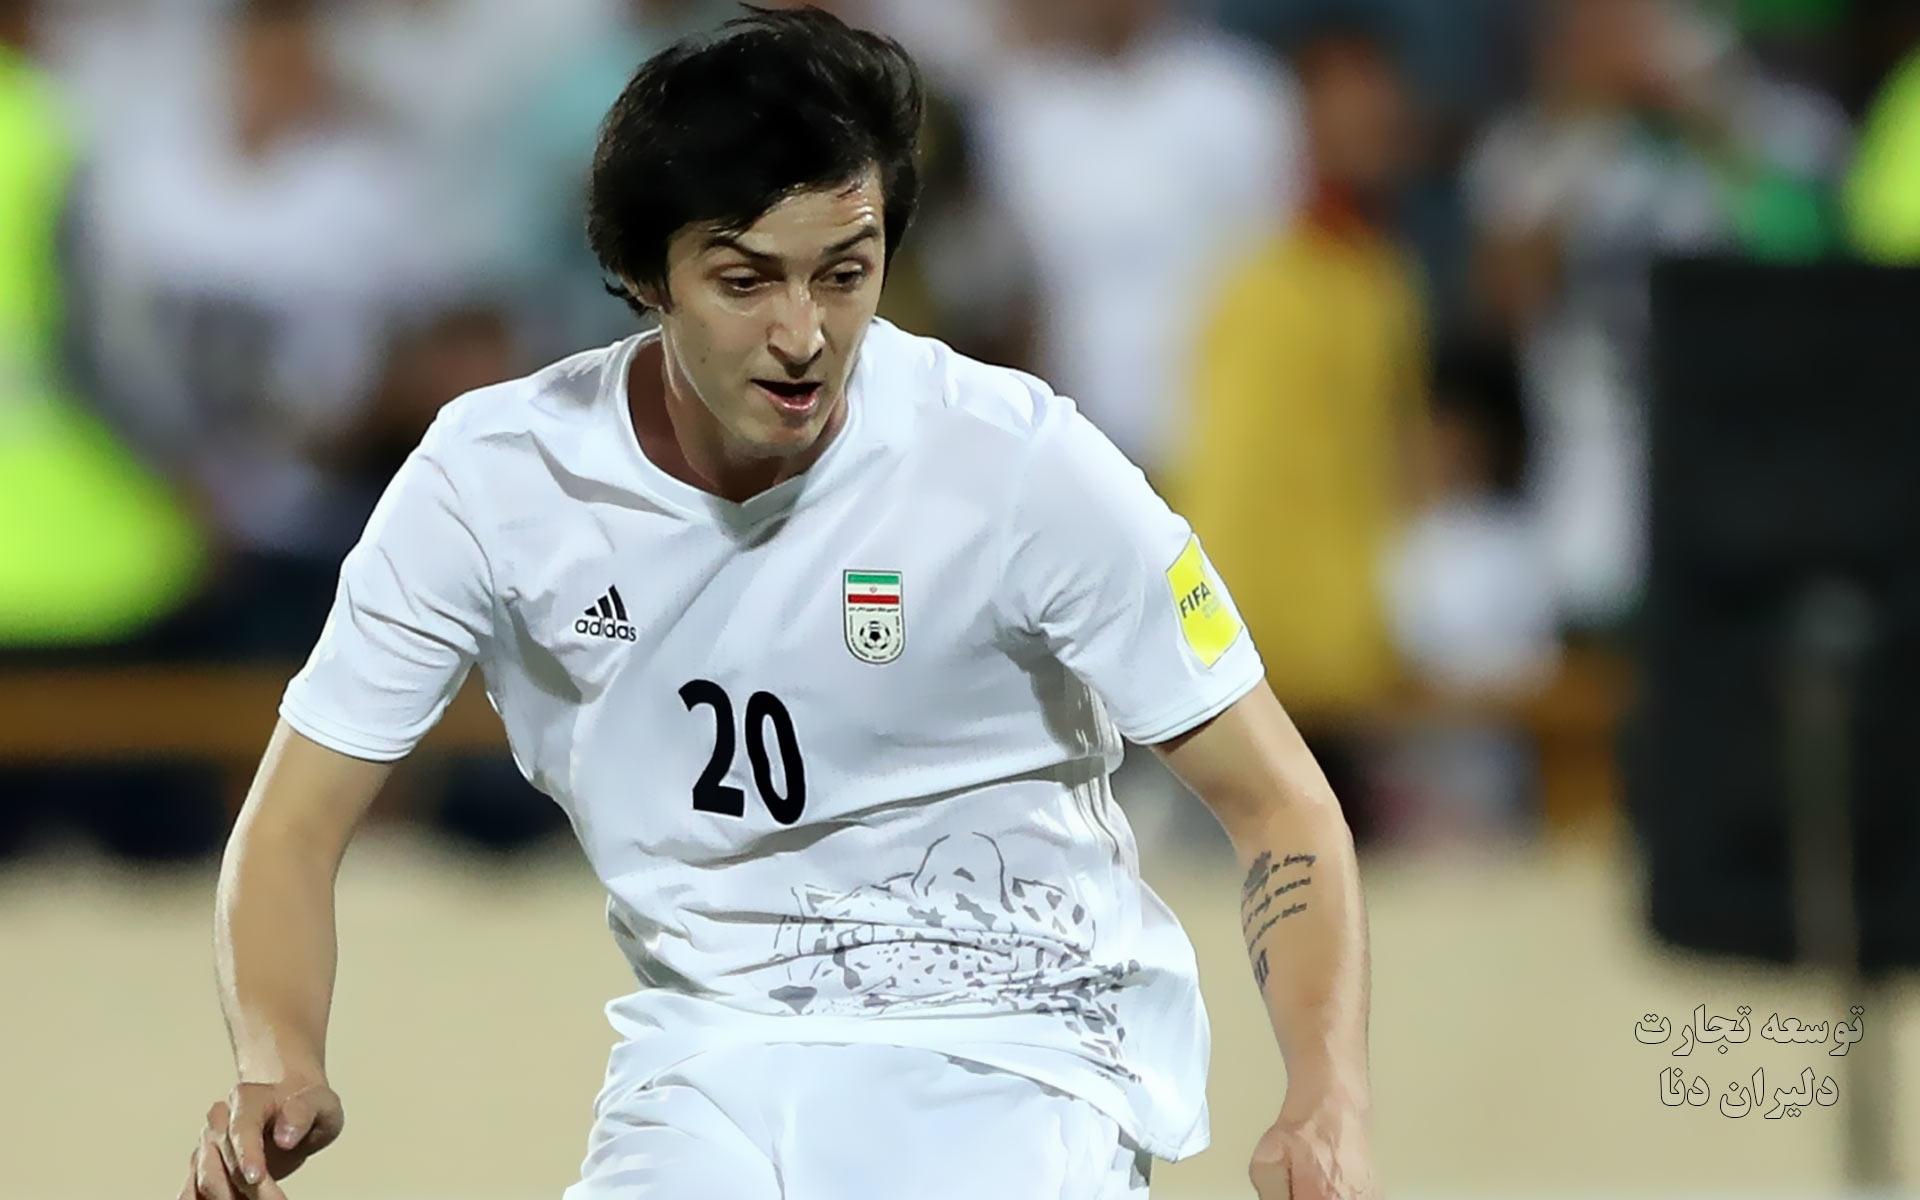 تصاویر با کیفیت تیم ملی فوتبال ایران برای پس زمینه 10